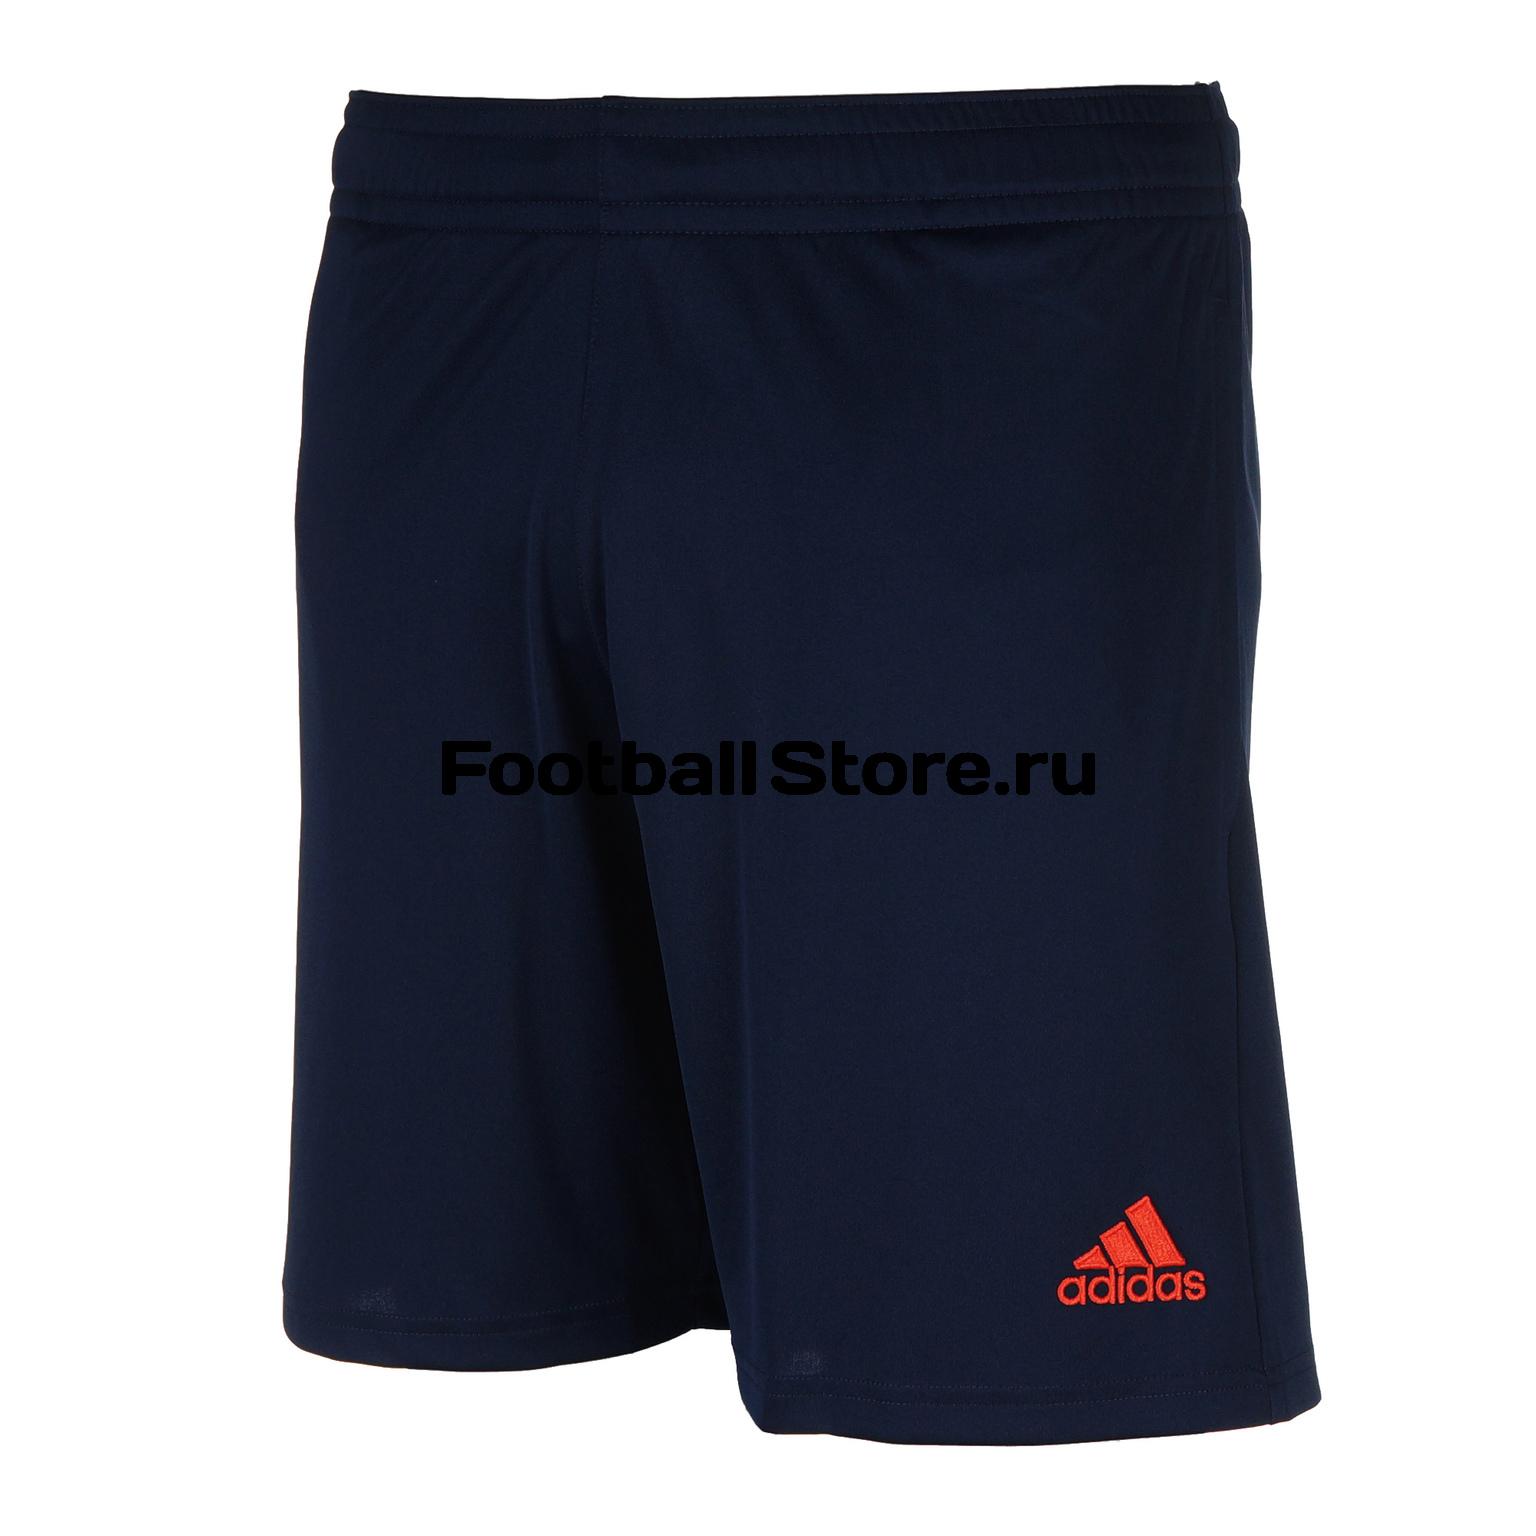 Adidas ����� Adidas Referee 14 SHO WB G77220